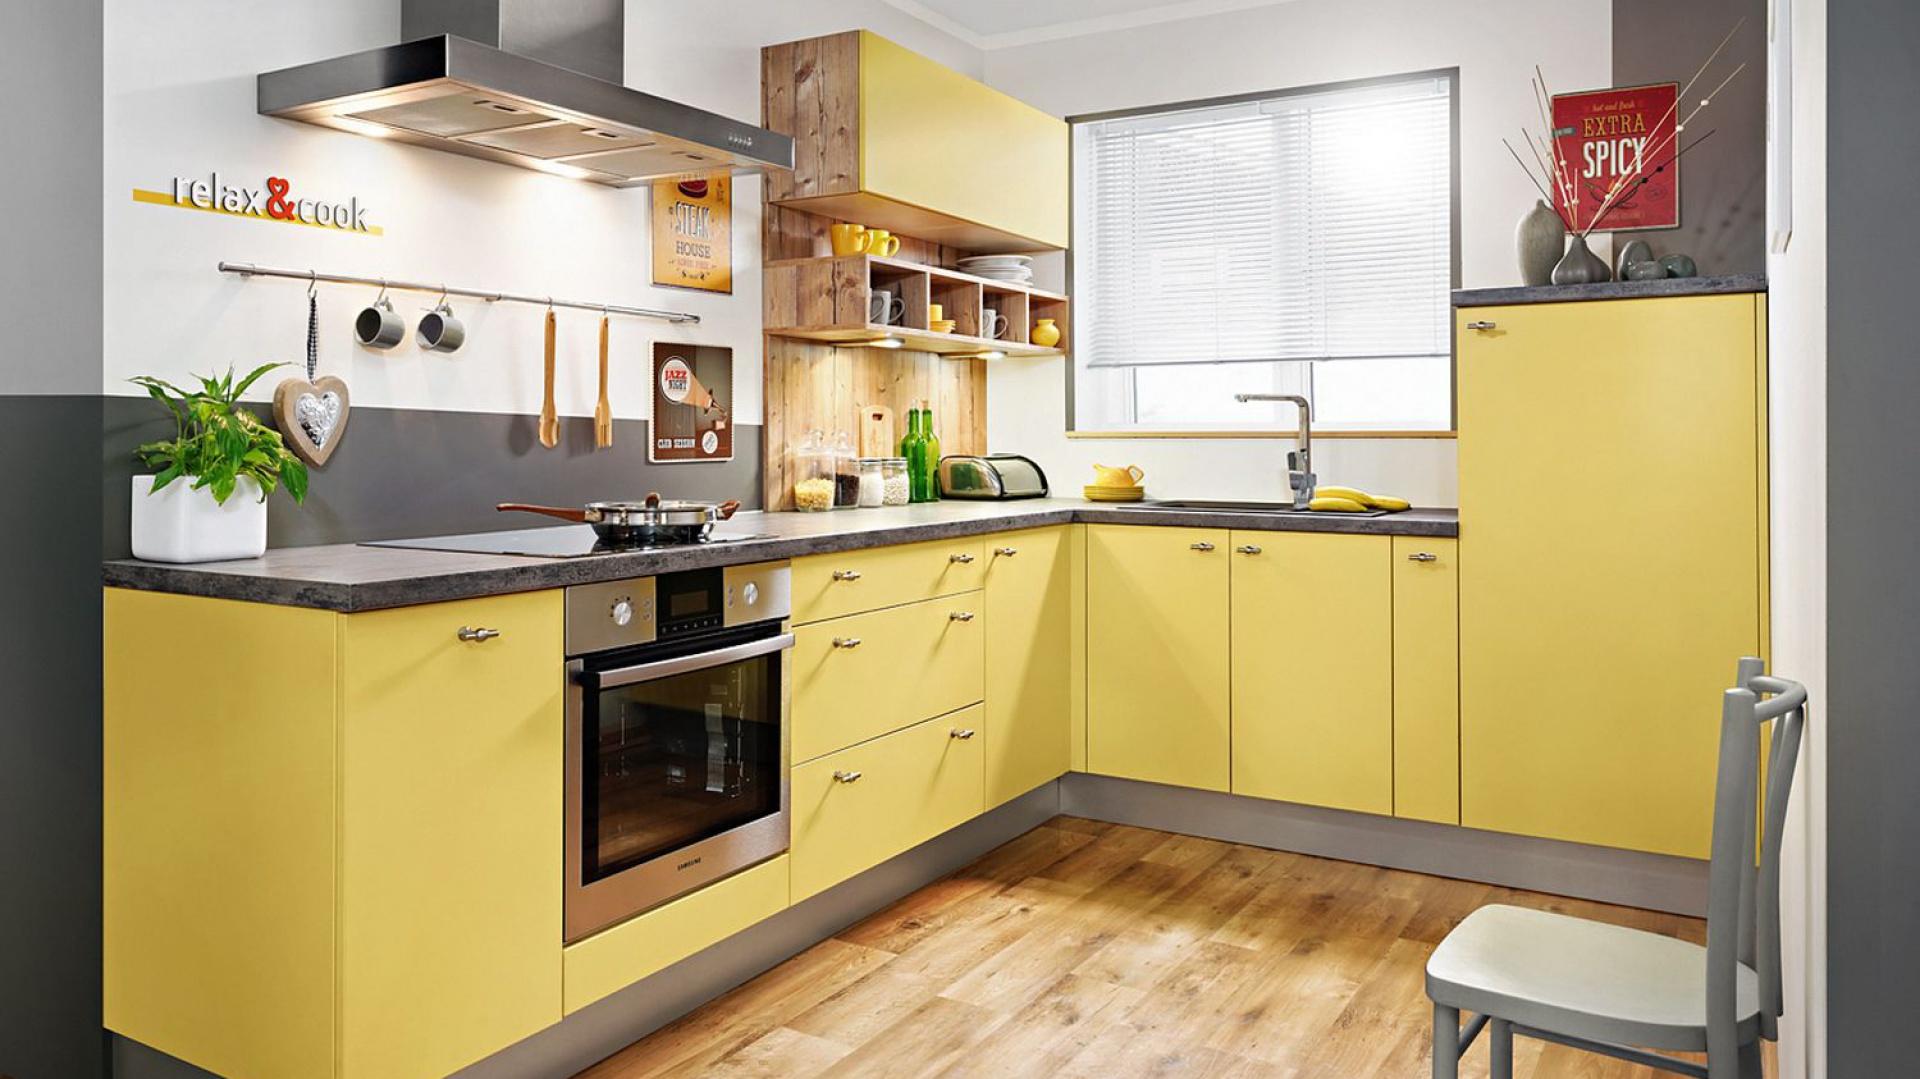 Meble kuchenne w kolorze szafranu? Dlaczego nie! Ciepła barwa pobudzi apetyt i ożywi przestrzeń kuchni. Fot. KAM Kuchnie.